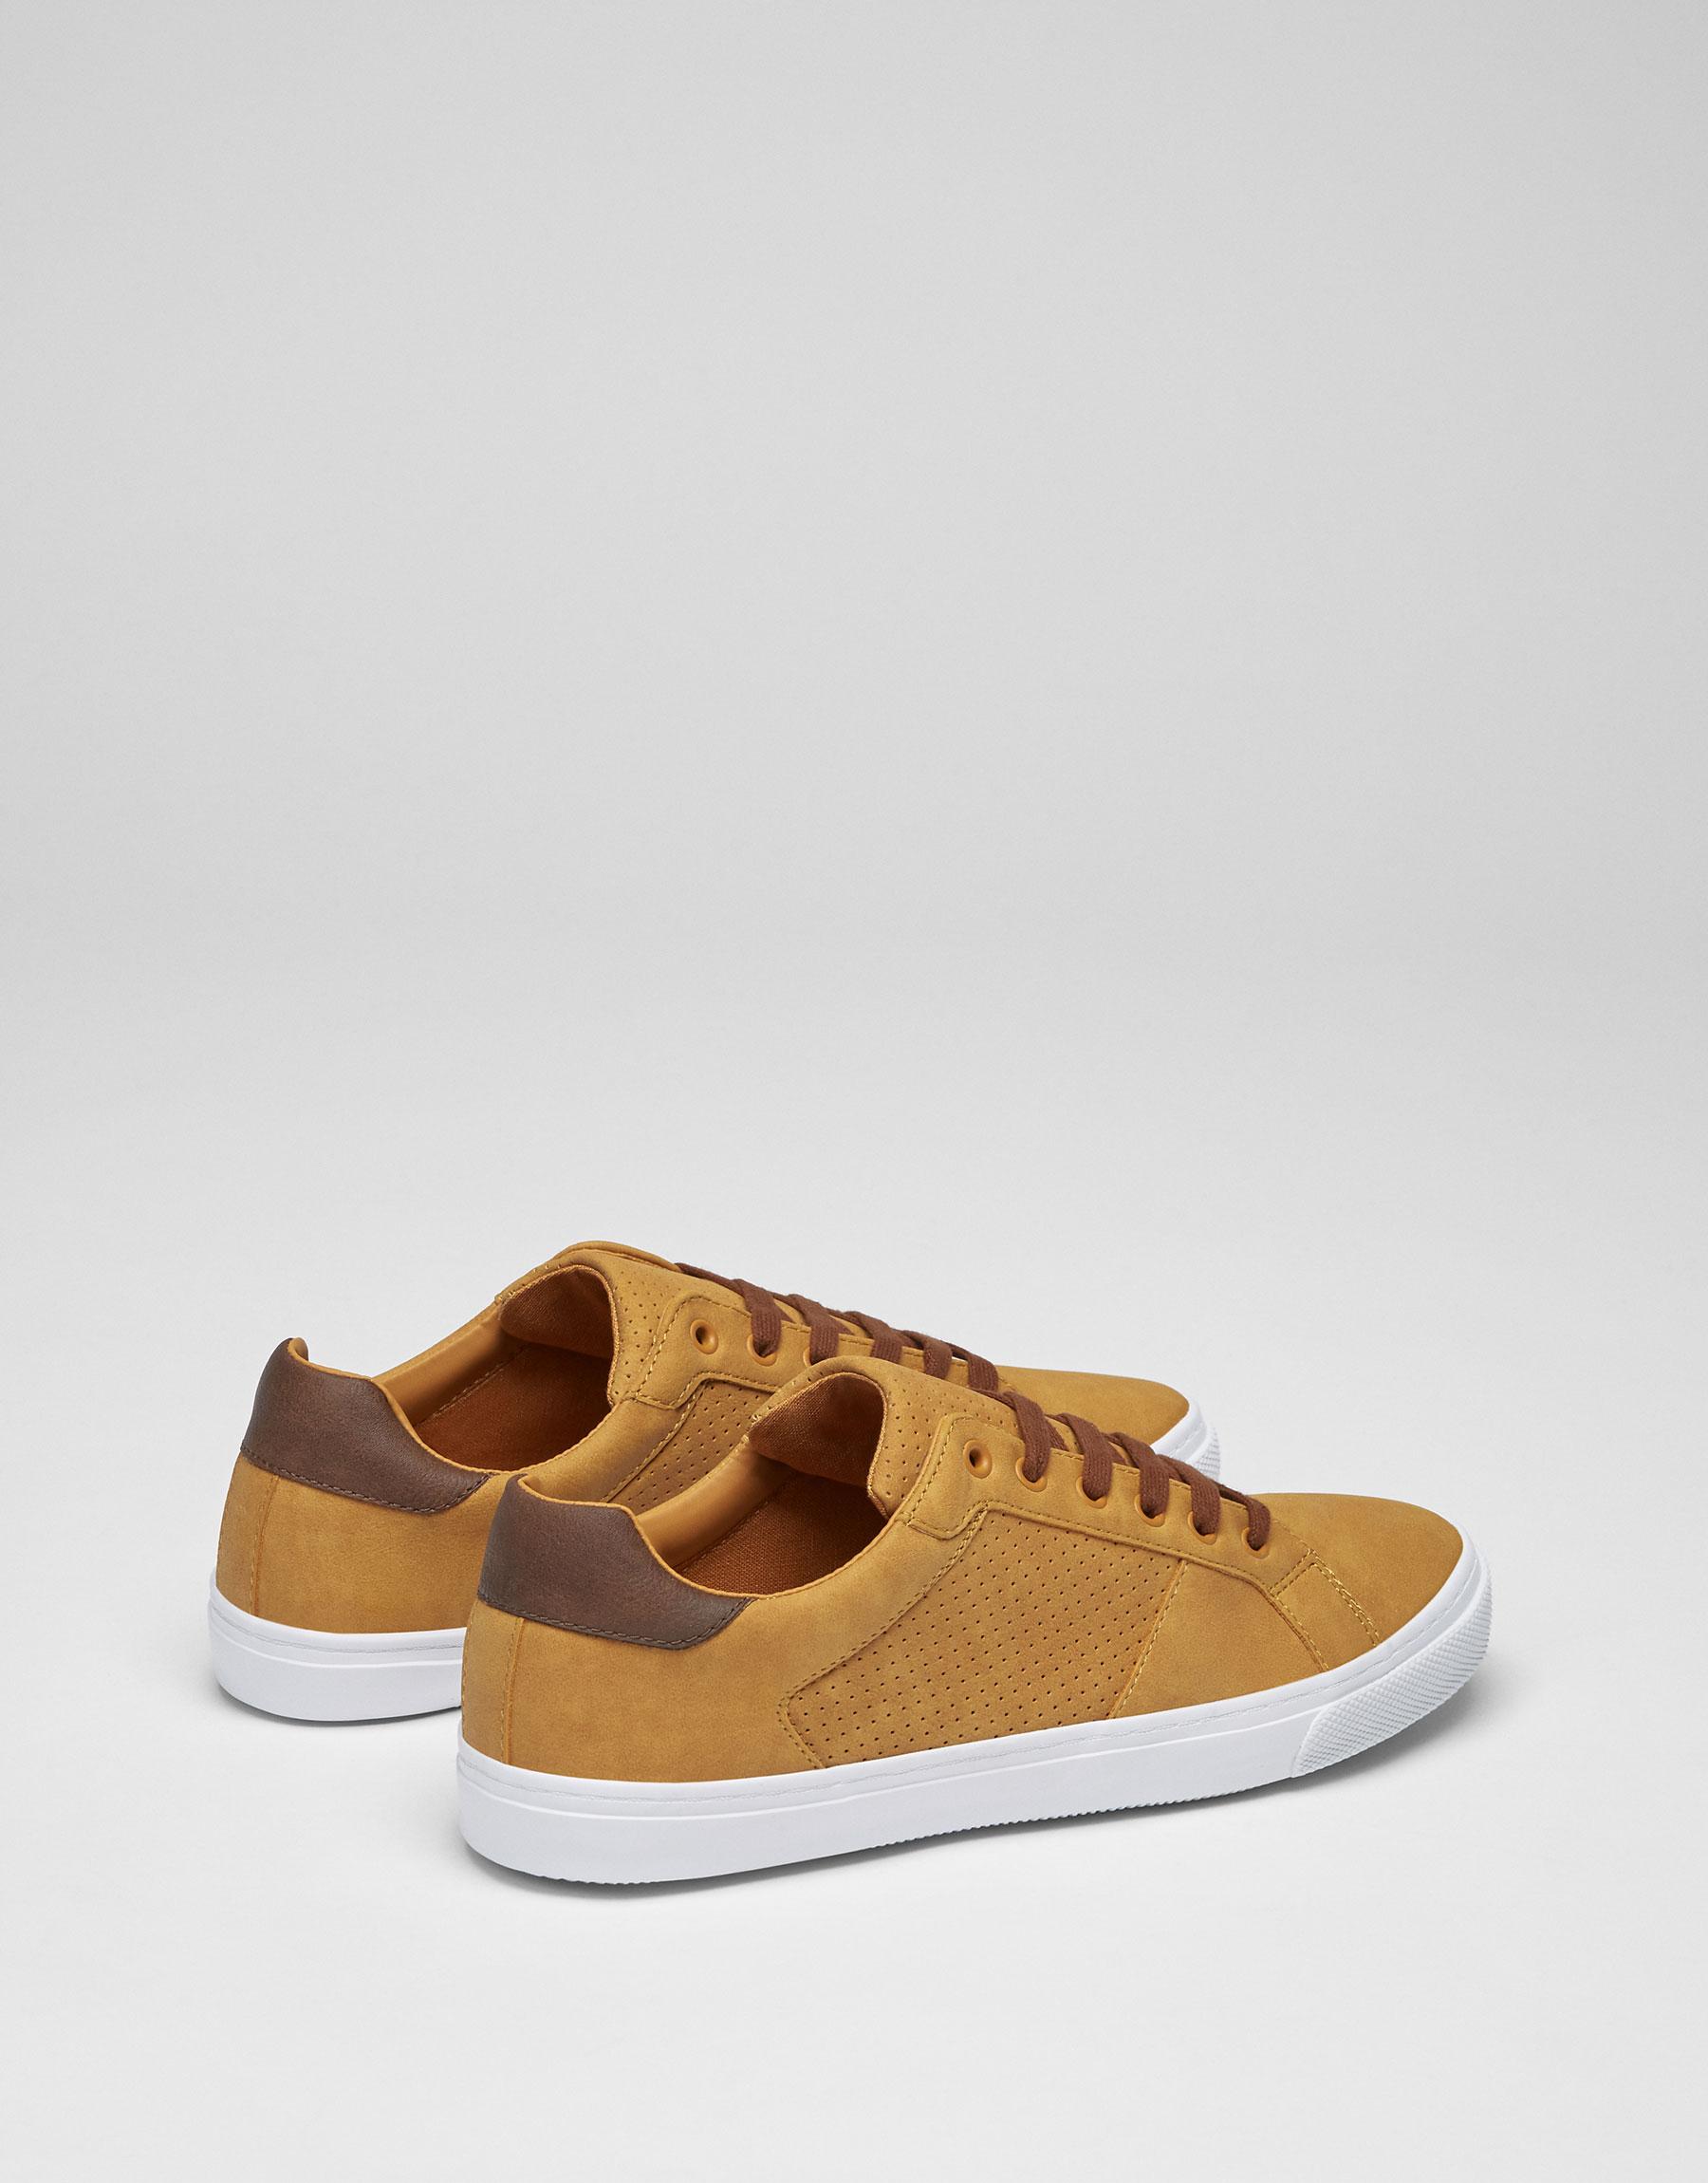 Sneaker traforata tallone in cuoio